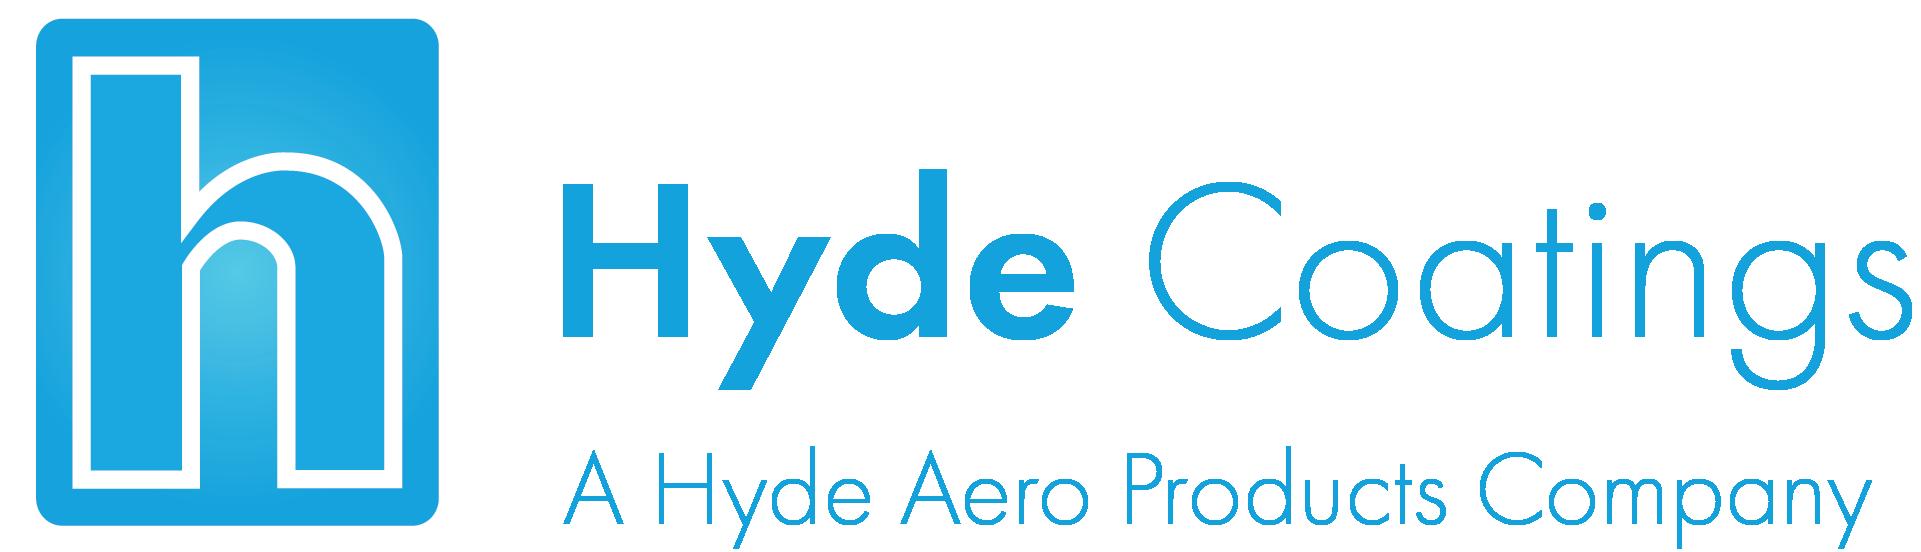 Hyde Coatings Logo.png